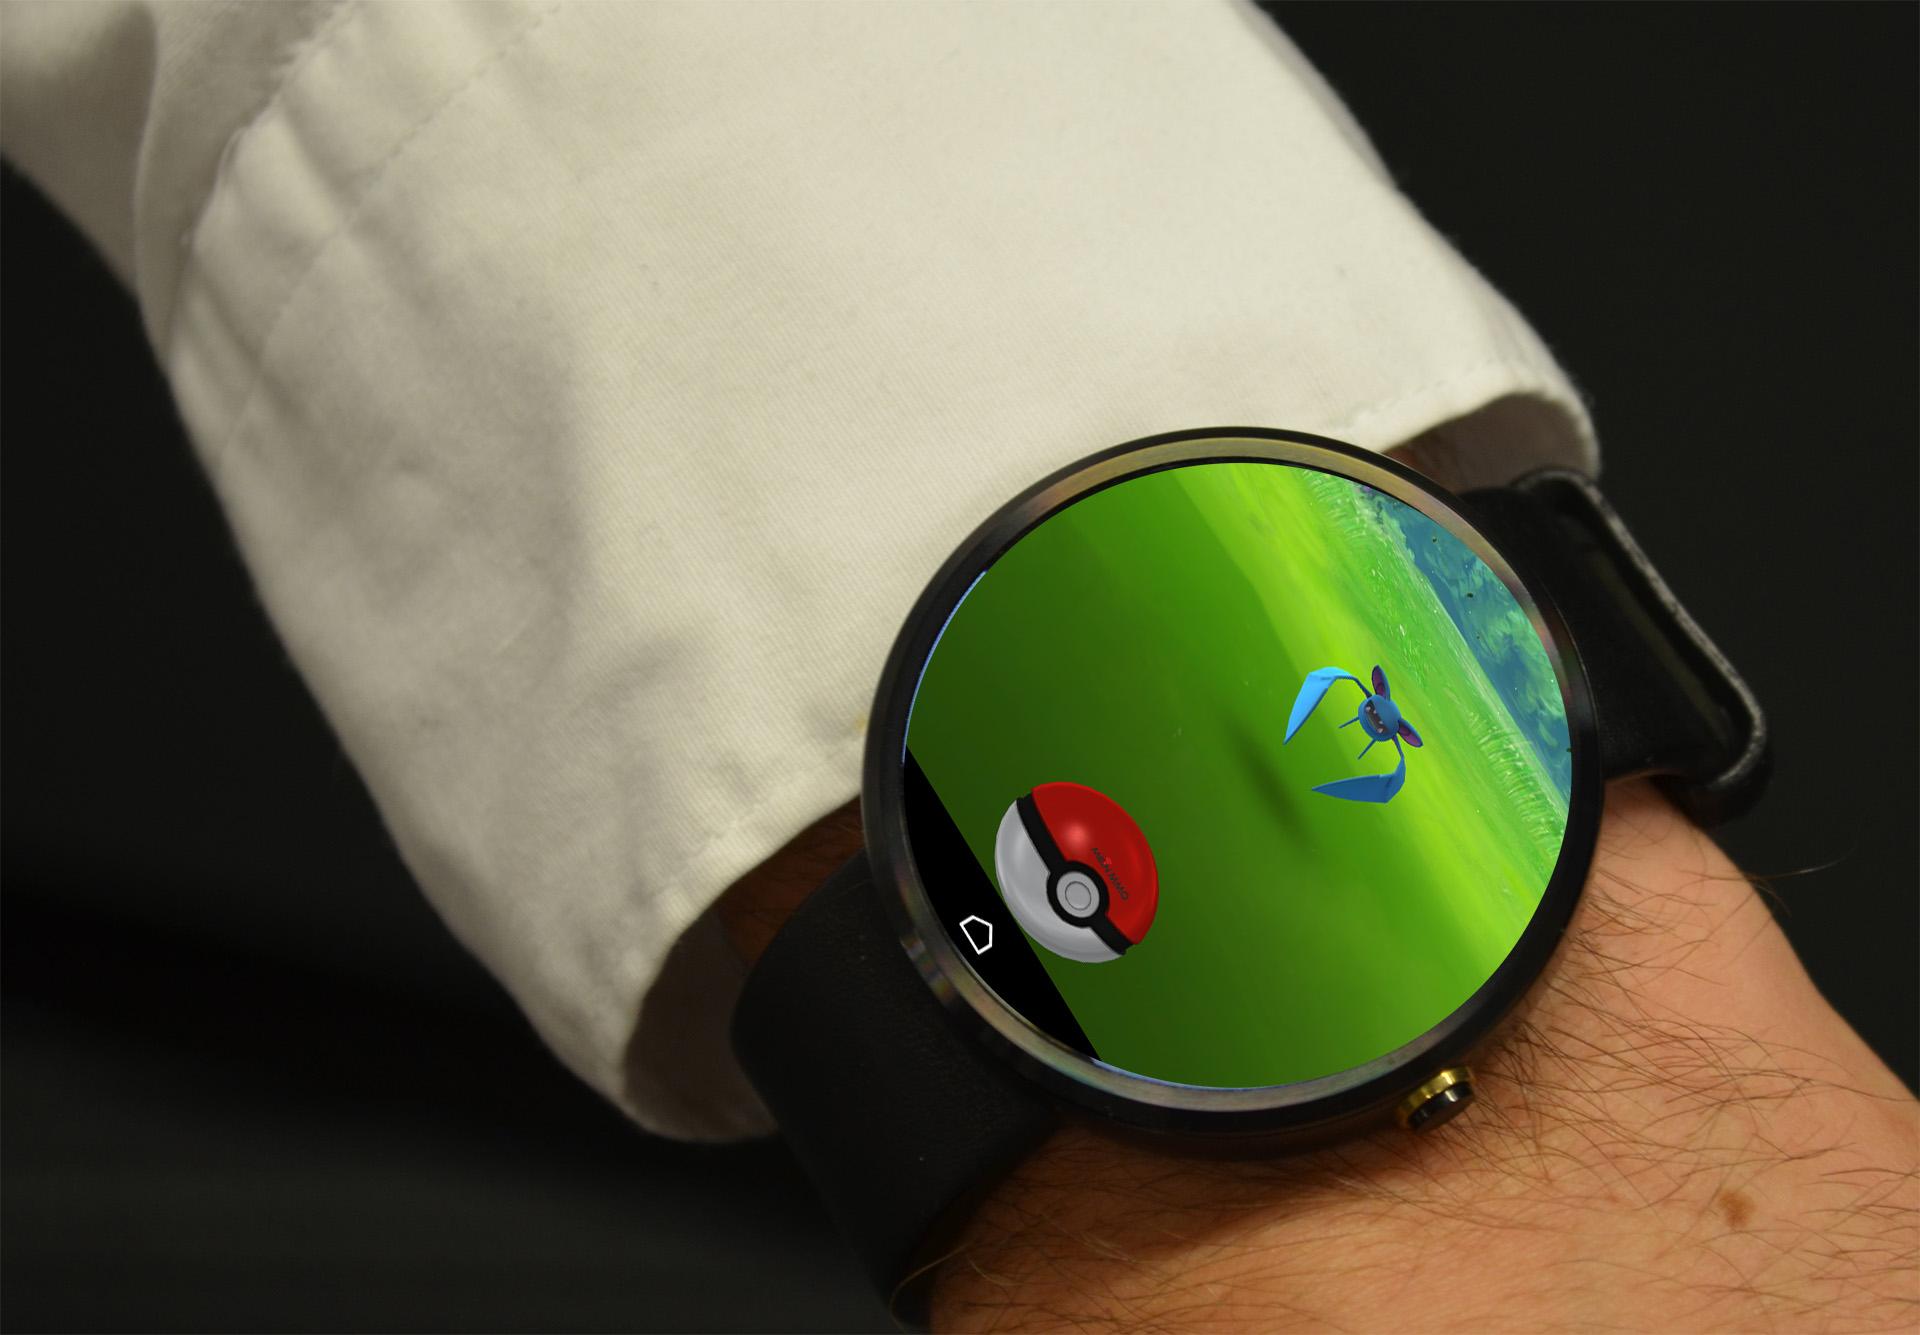 Pokémon GO: Werden Android-Smartwatches bald unterstützt?